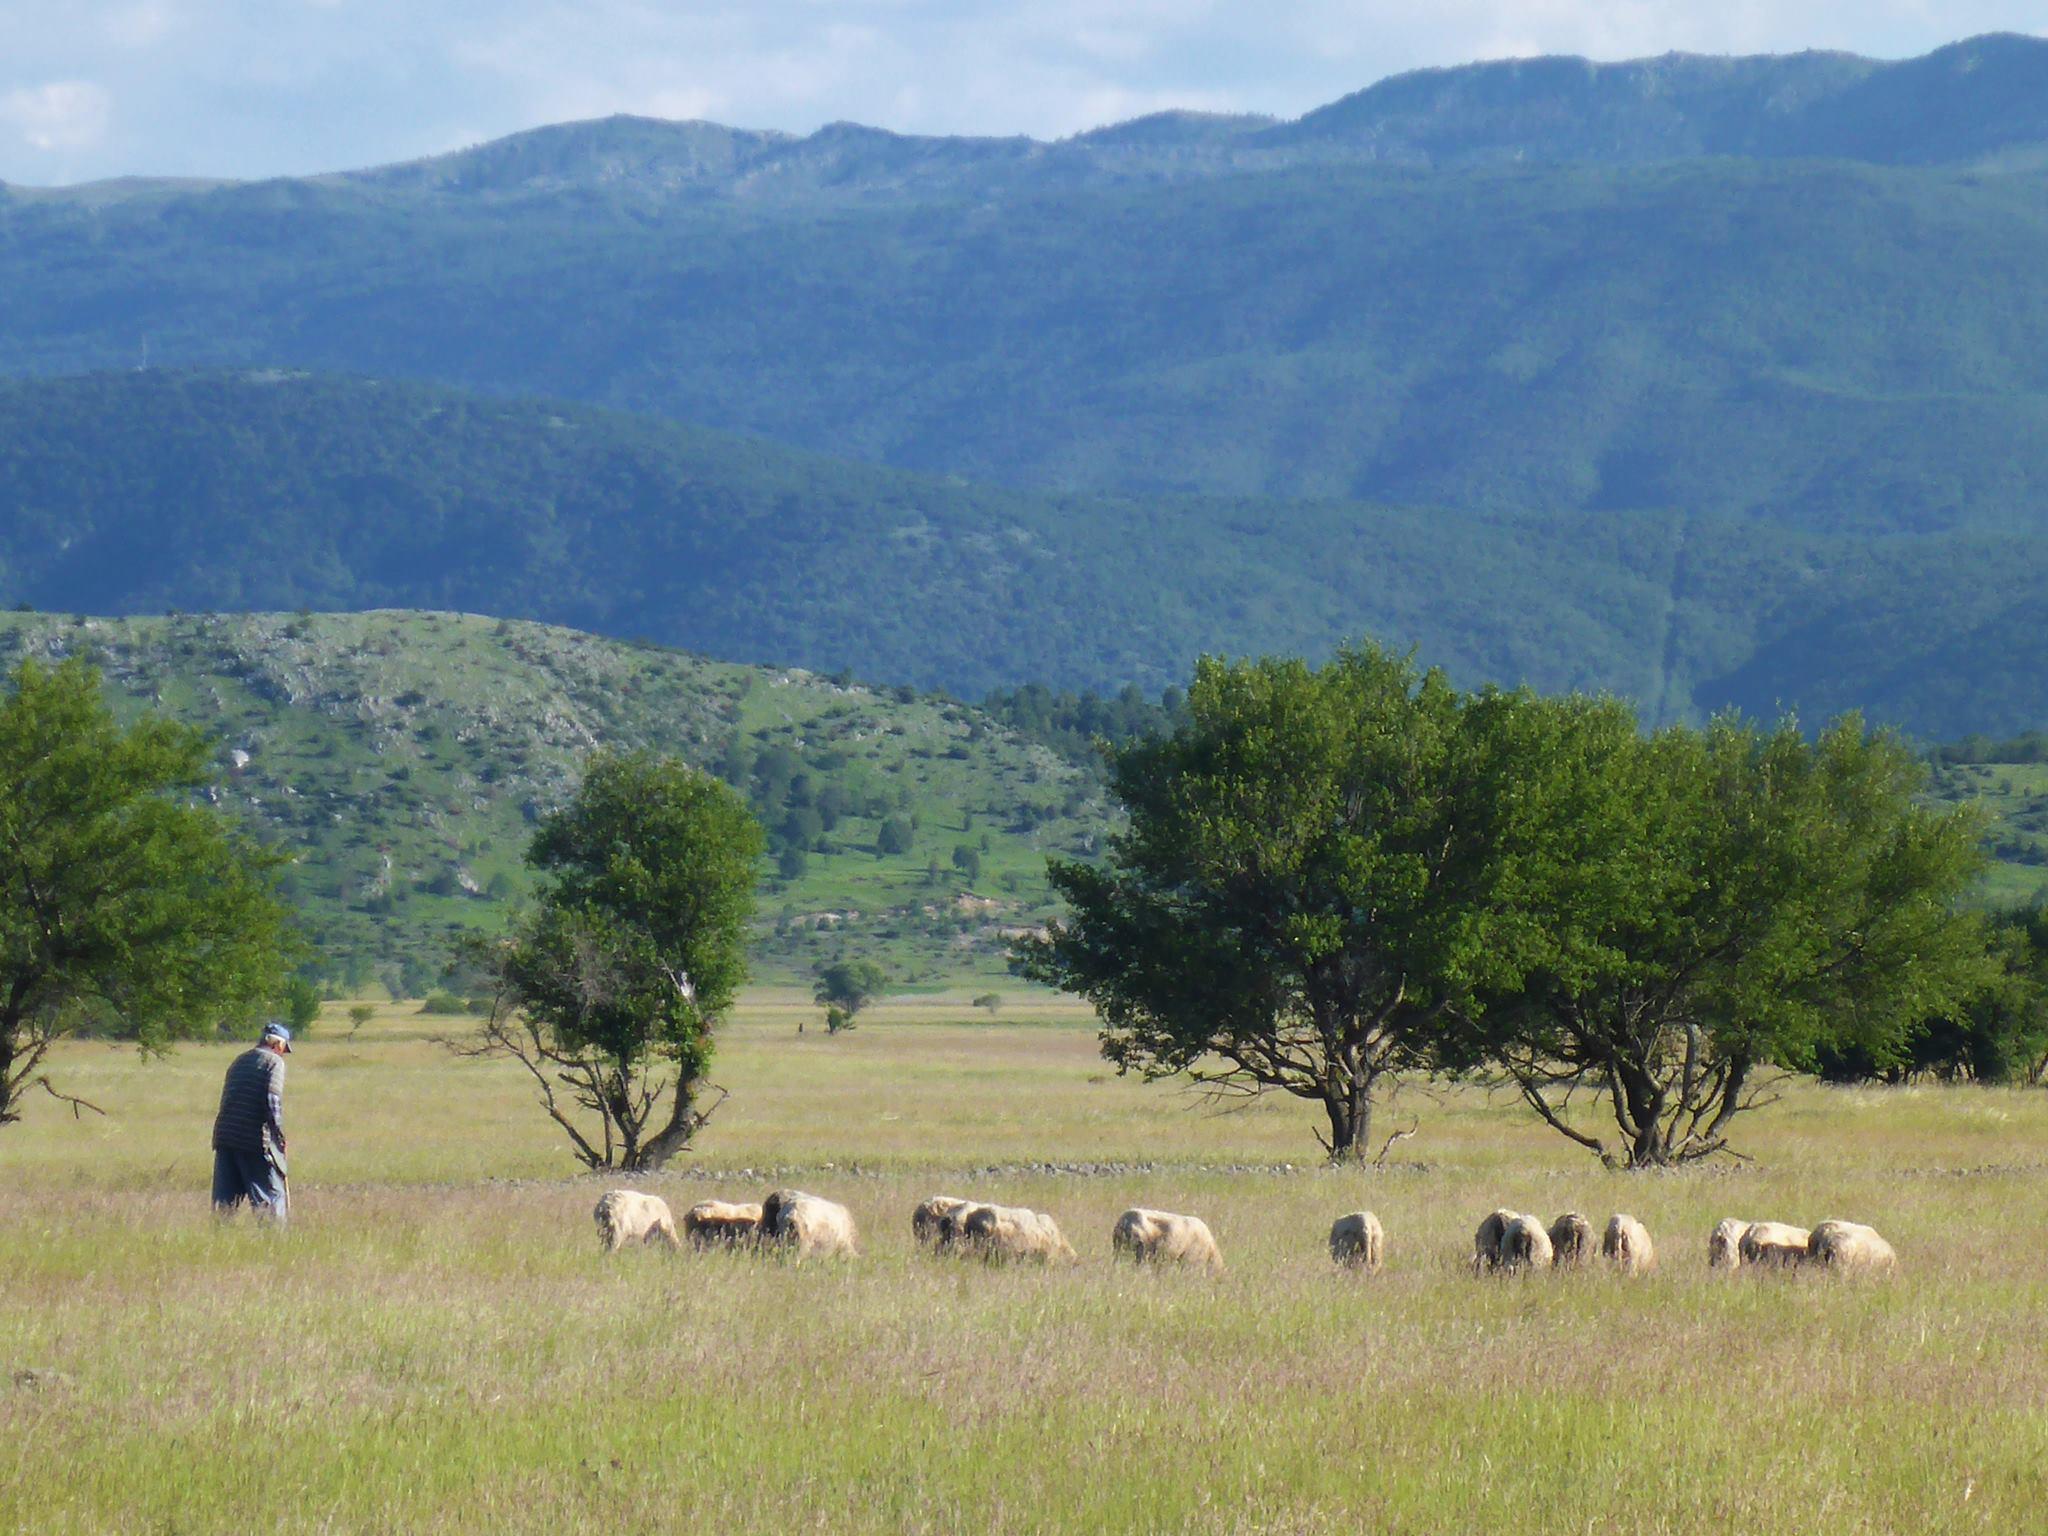 Les bergers sont toujours de curieux et beaux personnages